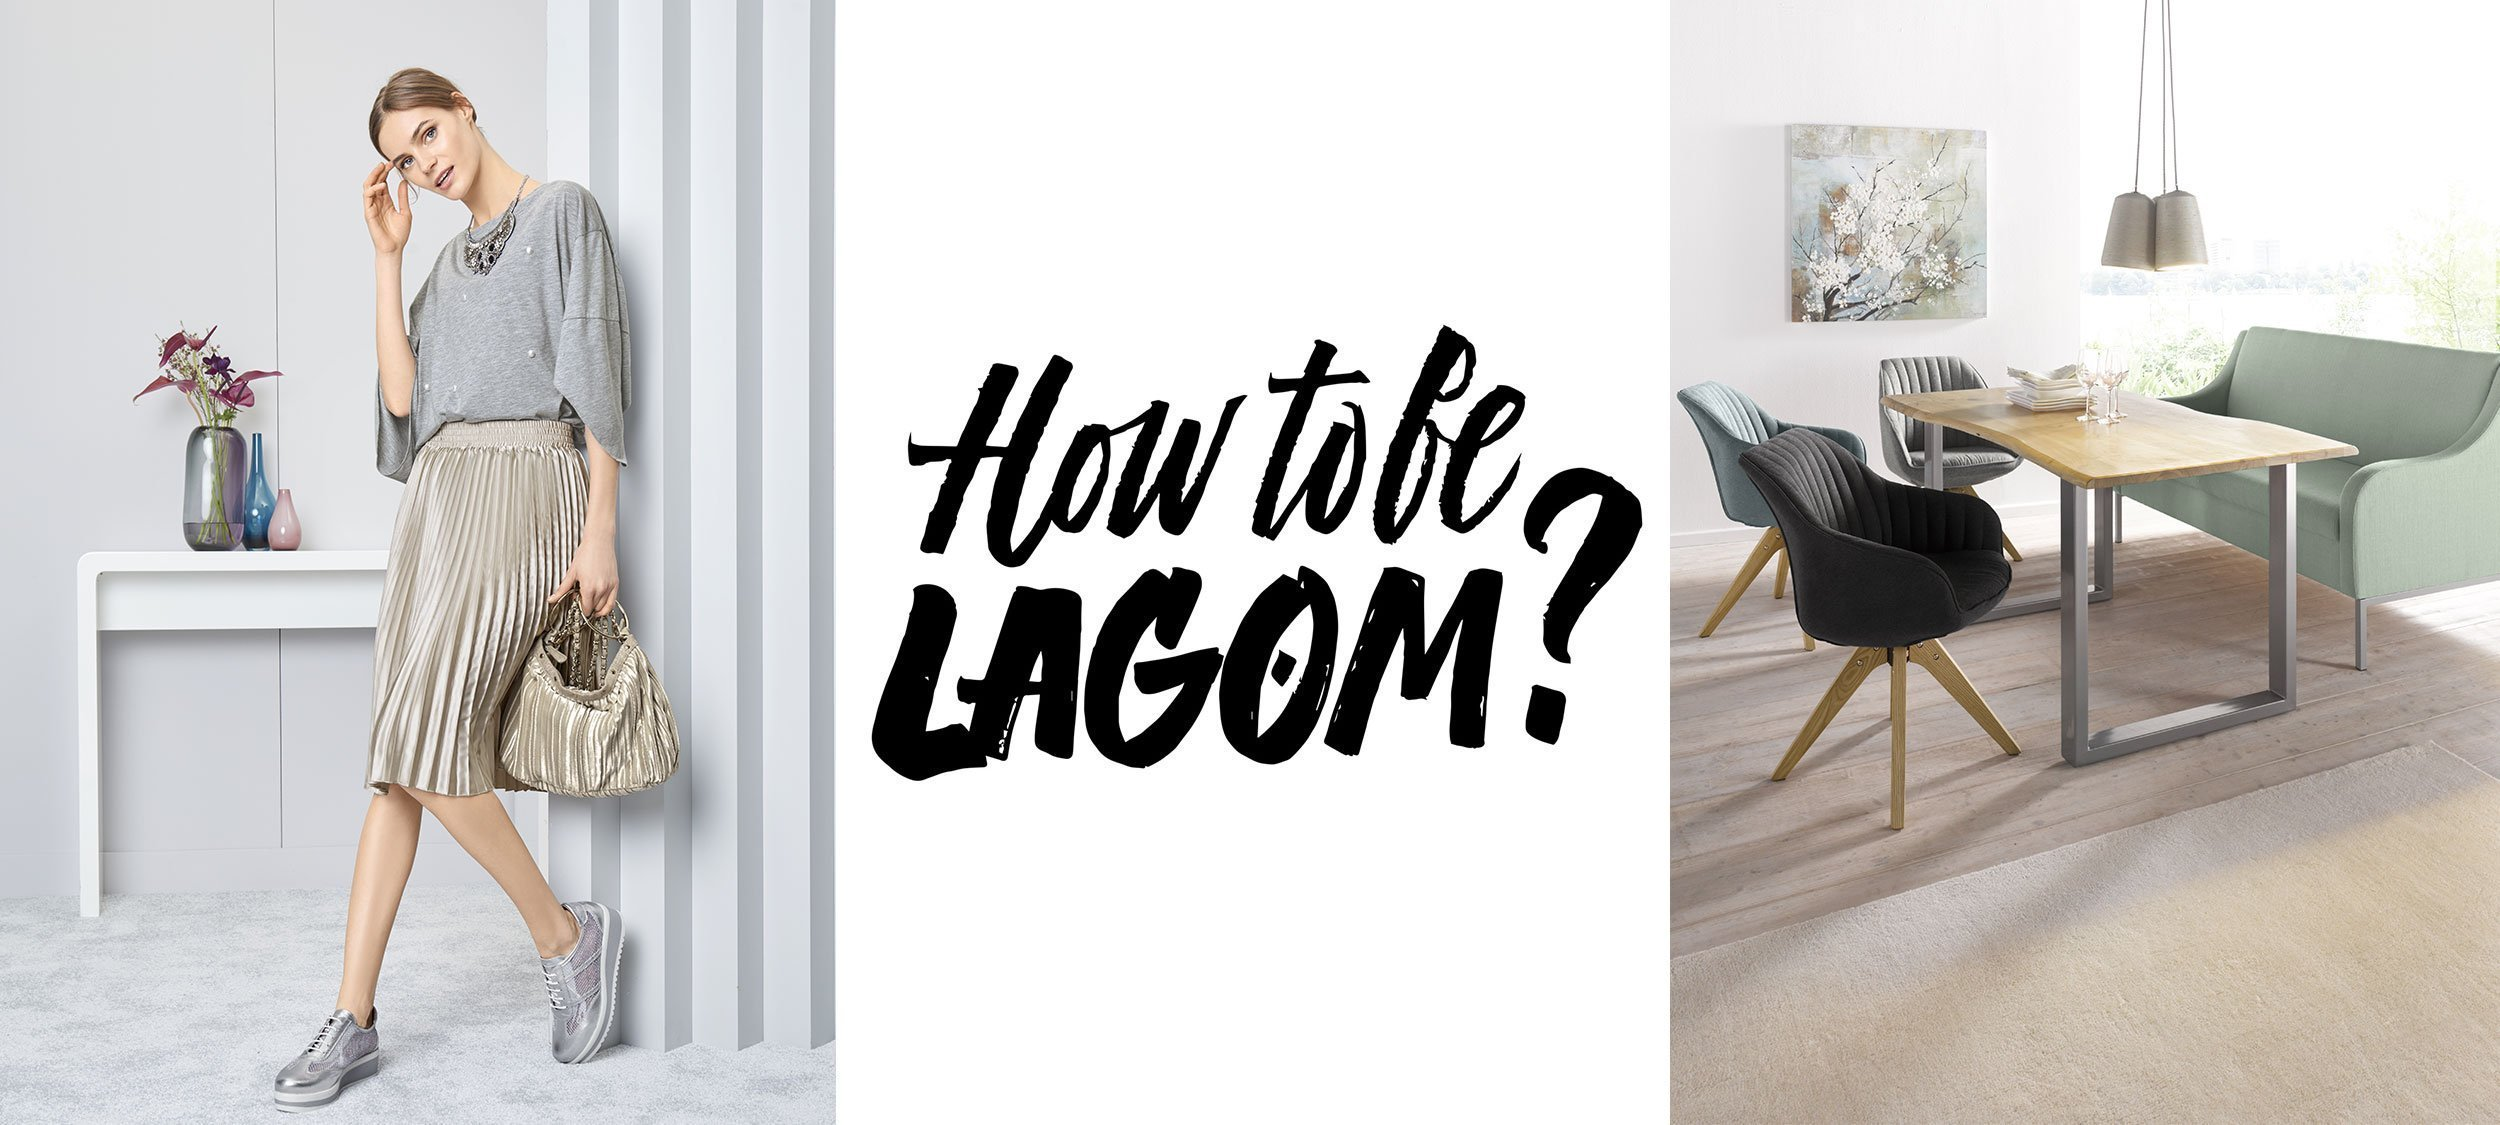 Bereit für LAGOM?